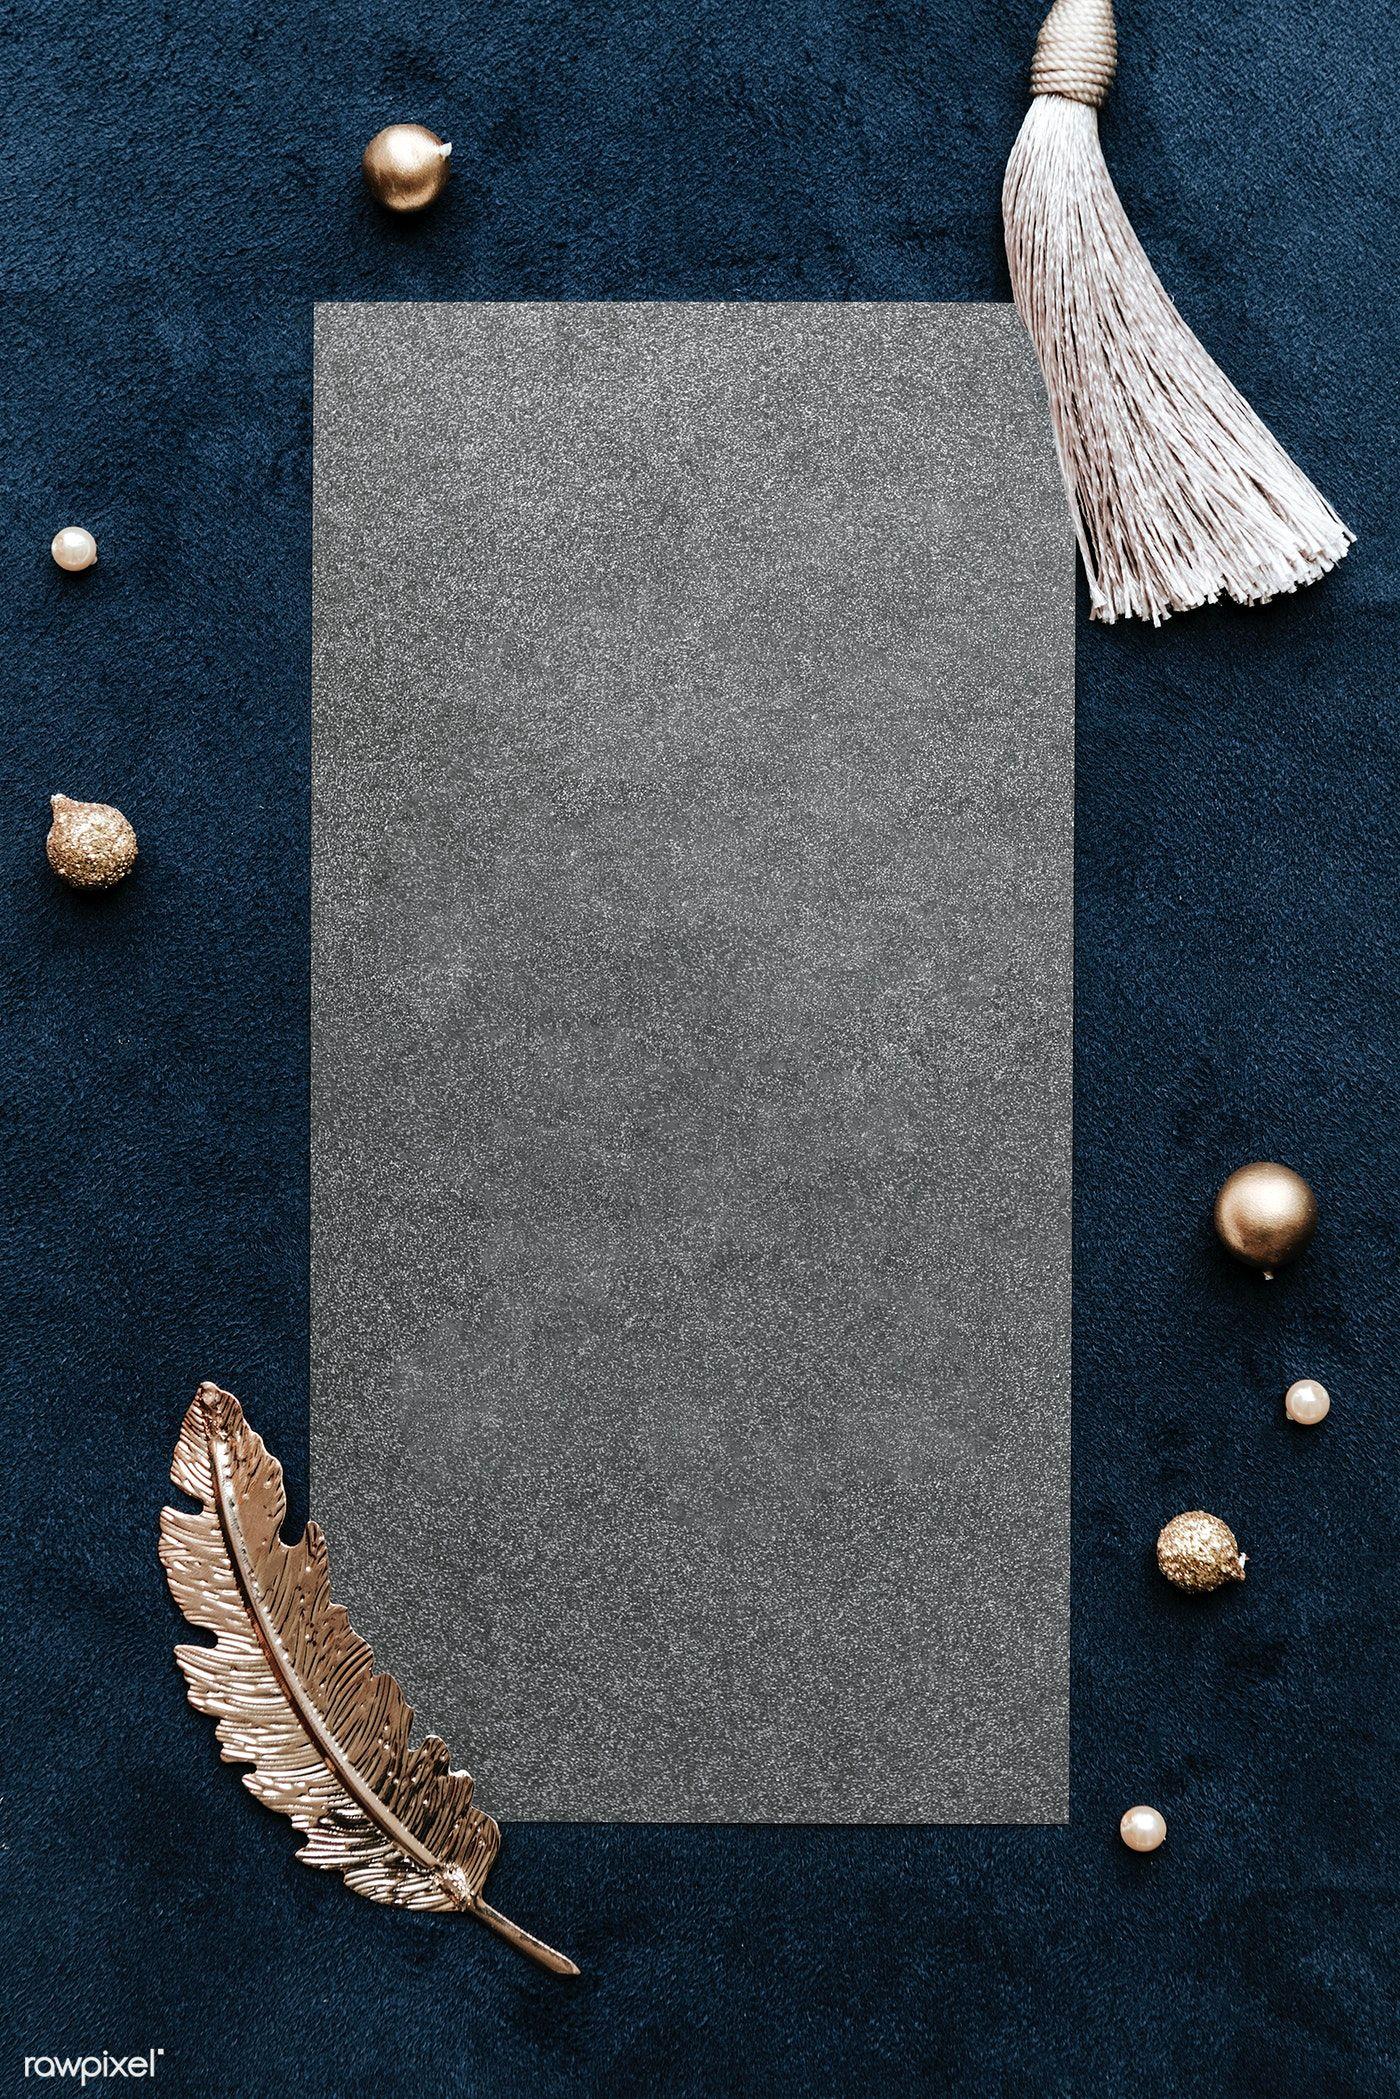 Download Premium Psd Of Blank Festive Rectangle Frame Design 1231182 Poster Background Design Frame Design Phone Wallpaper Design